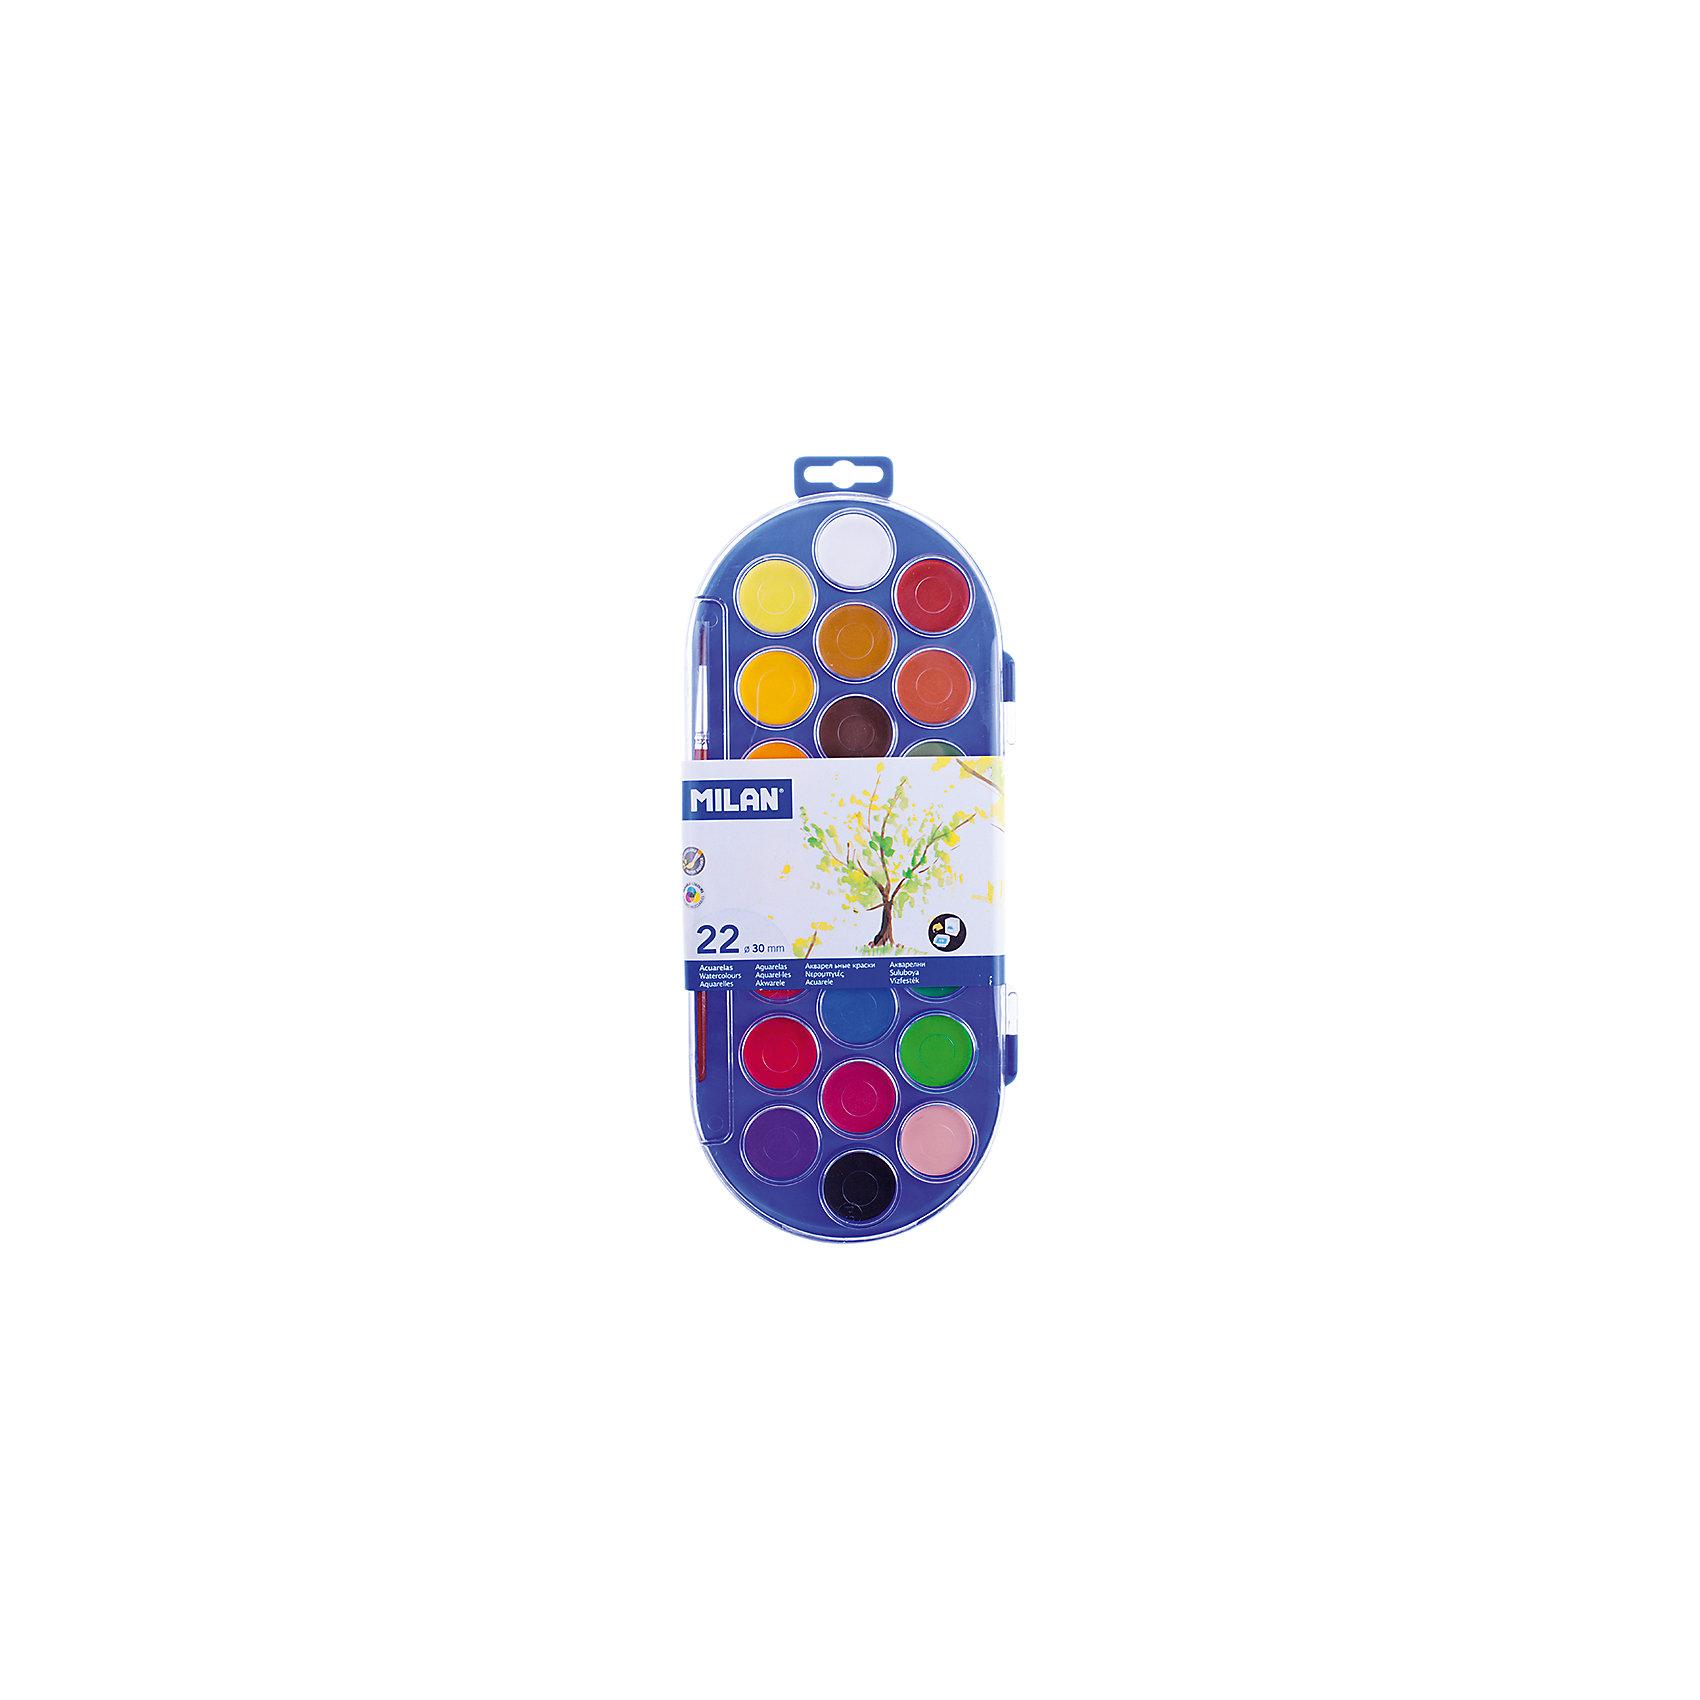 Акварель 22 цвета Milan, с кистьюРисование и лепка<br>Тип: акварель<br>Медовая: да<br>Количество цветов: 22<br>Кисть: есть<br>Емкость: кювет<br>Наличие европодвеса: есть<br>Упаковка ед. товара: пластик<br>Перламутровый эффект: нет<br>Флуоресцентный эффект: нет<br>Золото: нет<br>Серебро: нет<br>Краски представлены в компактных круглых таблетках. Светоустойчивы, изготовлены из  нетоксичных пигментов<br><br>Ширина мм: 15<br>Глубина мм: 310<br>Высота мм: 130<br>Вес г: 255<br>Возраст от месяцев: 36<br>Возраст до месяцев: 2147483647<br>Пол: Унисекс<br>Возраст: Детский<br>SKU: 7044193